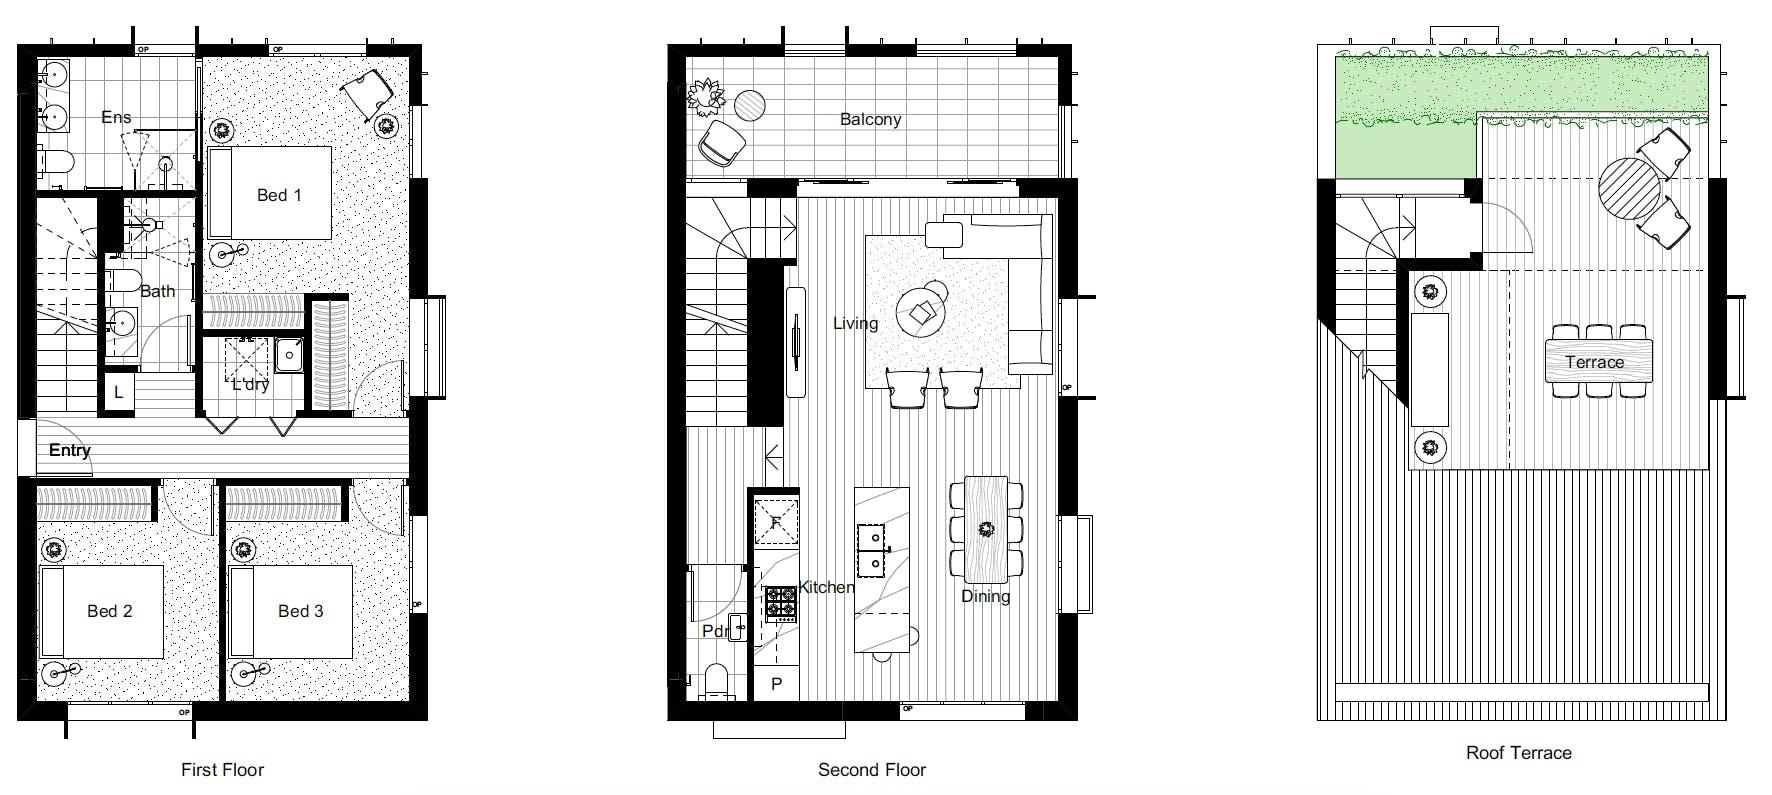 3 Bedroom, 3 Bathroom, Rooftop Terrace